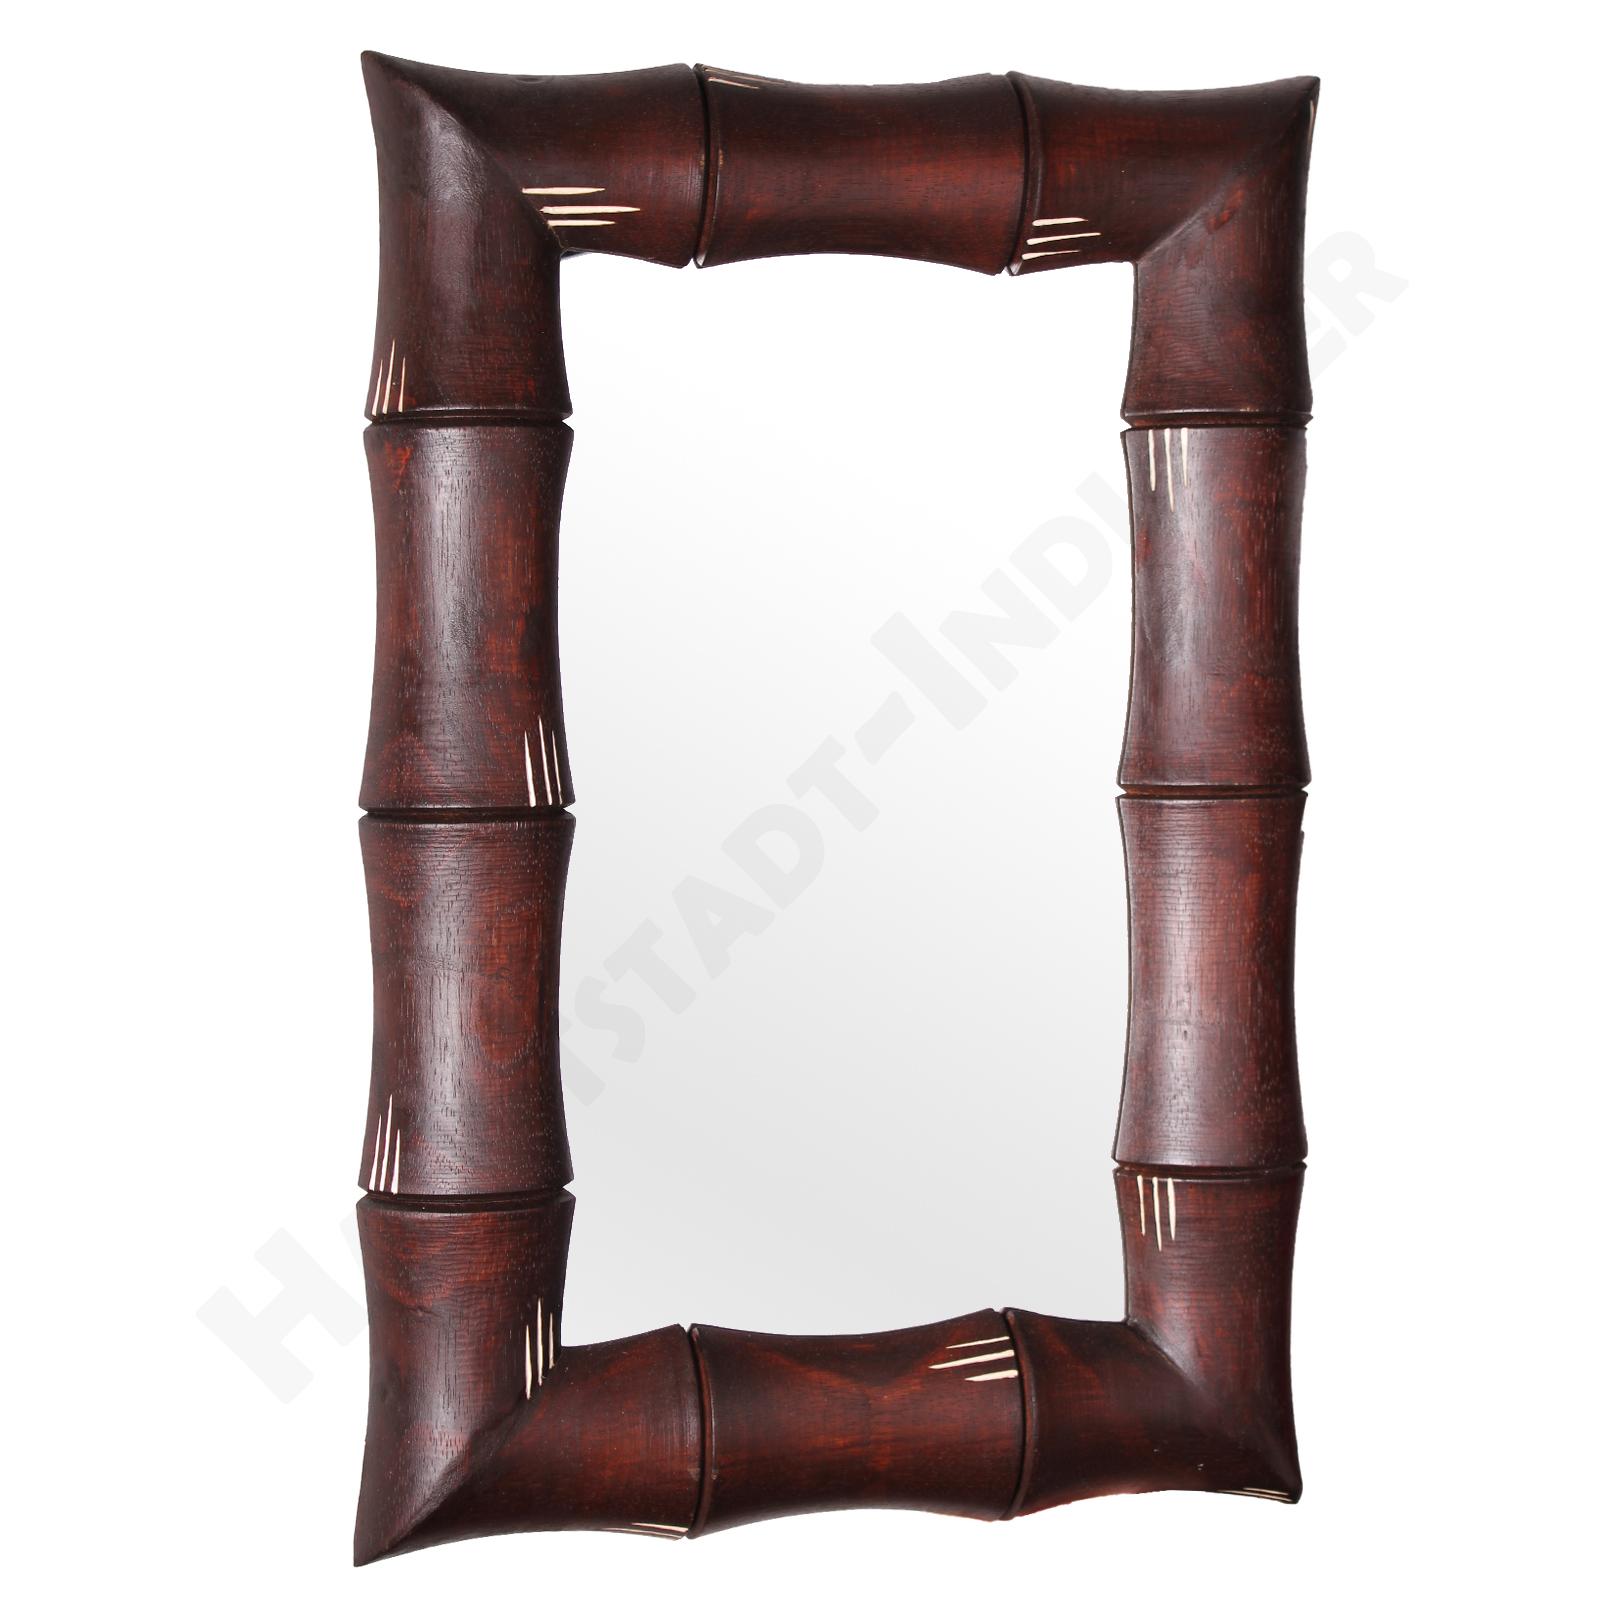 Möbel jugendstil möbel weiß : Spiegel Wandspiegel aus Bambus eckig oval Spiegelfläche ethno Natur ...